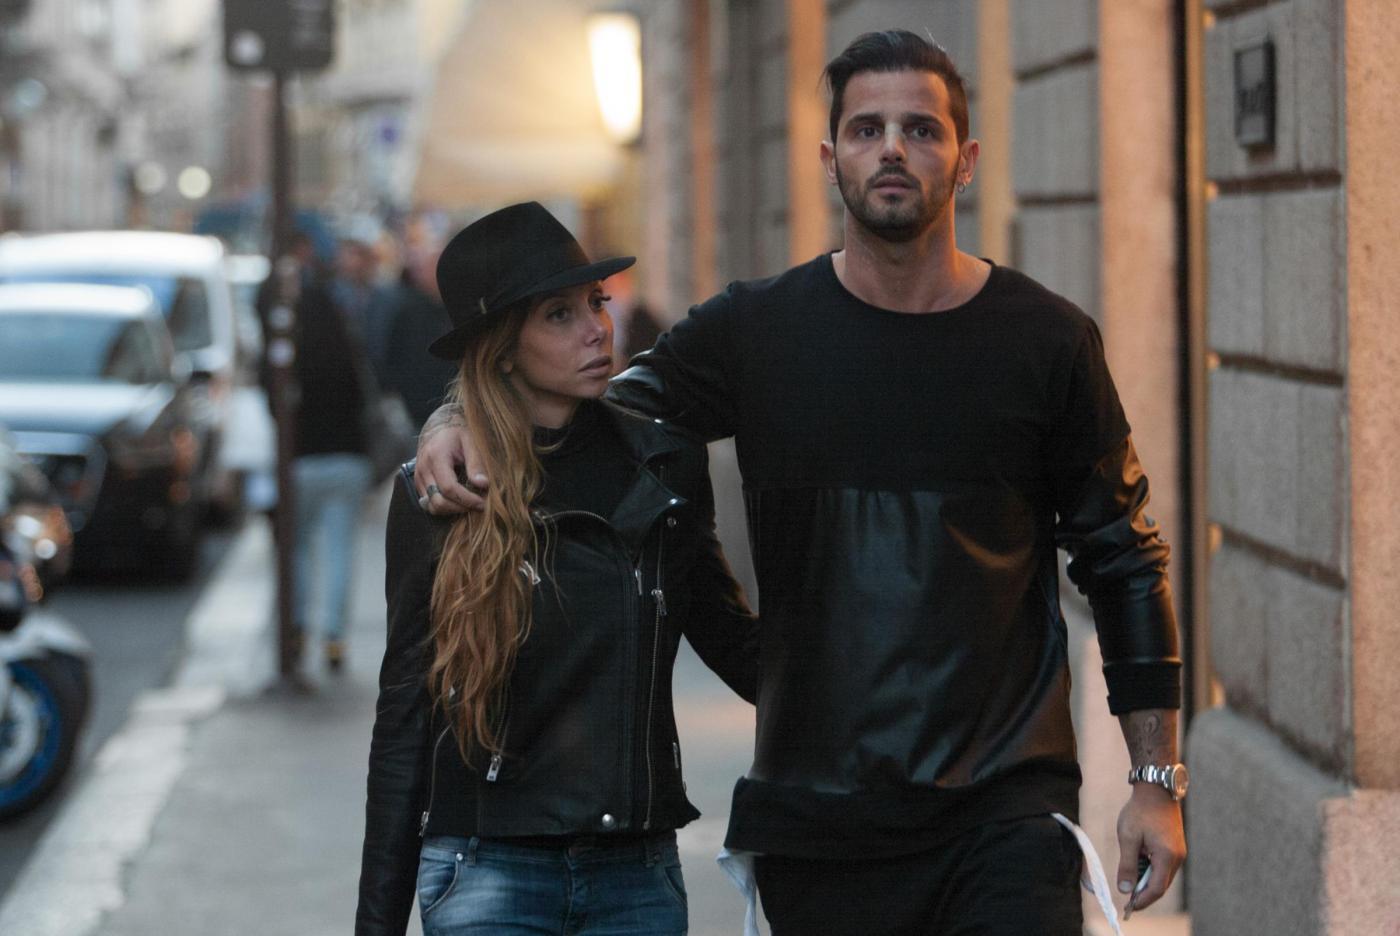 Alessio Lopasso e Roberta Bonfanti travolti dalla passione durante lo shopping02